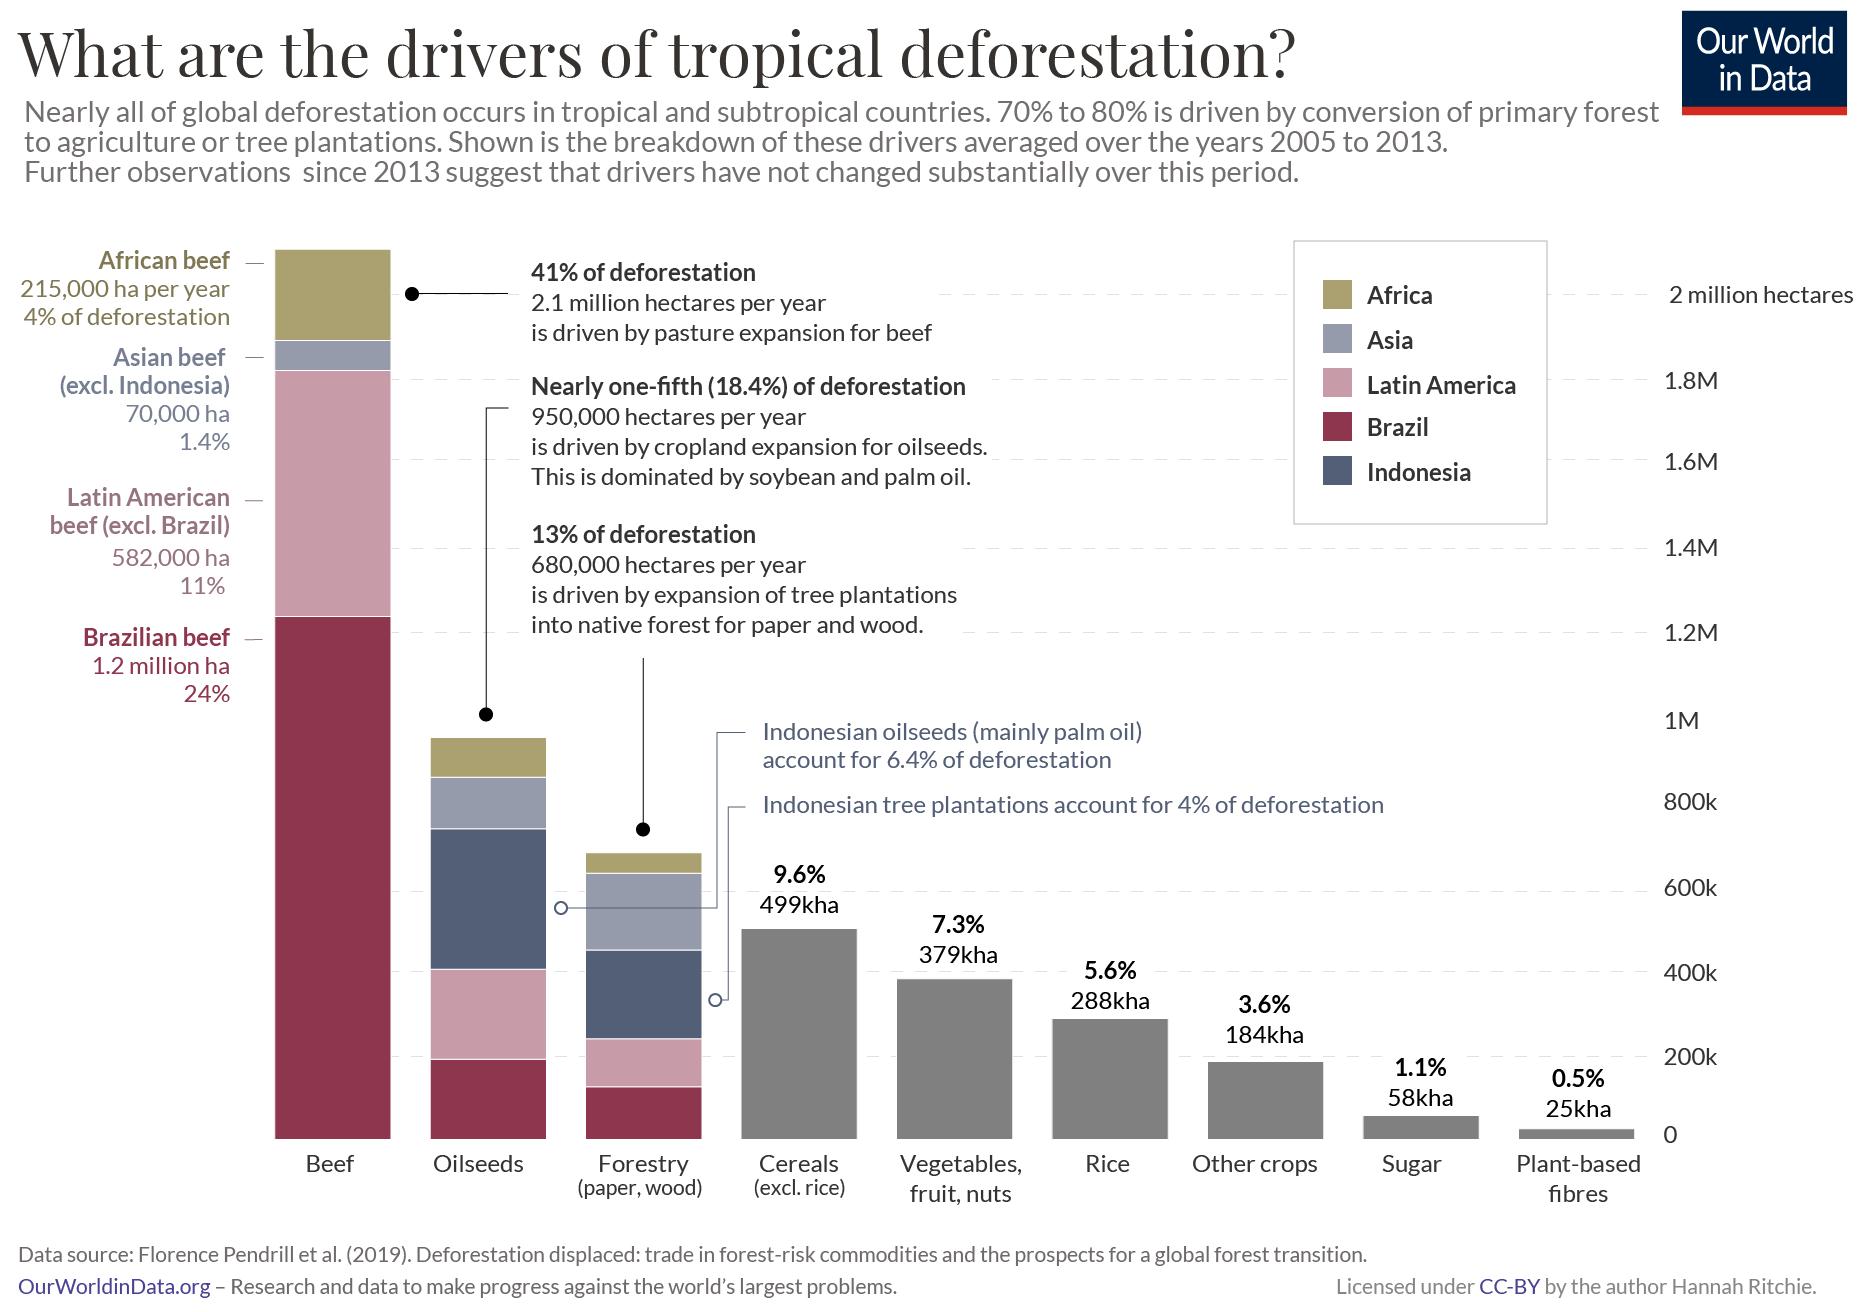 Die Grafik visualisiert die Hauptursachen für die Abholzung von Wäldern in tropischen Regionen im Zeitraum 2005 bis 2013 als Balkendiagramm. Fast ein Fünftel (18,4 Prozent) der Abholzung geht auf den Anbau von Ölsaaten zurück, zu denen auch die Sojabohne zählt. In absteigender Reihenfolge sind Forstwirtschaft (13 Prozent), Getreideanbau (9,6 Prozent), der Anbau von Gemüse und Obst (7,3 Prozent) sowie von Reis (5,6 Prozent) und von anderen Feldfrüchten (3,6 Prozent) weitere Abholzungsfaktoren. Der größte Faktor ist jedoch die Abholzung zur Errichtung von Weideflächen für Rinder (41 Prozent): 2,1 Mio. Hektar wurden hierfür in afrikanischen, asiatischen und südamerikanischen Ländern jährlich gerodet, wobei in Brasilien allein 1,2 Mio. Hektar abgeholzt wurden.